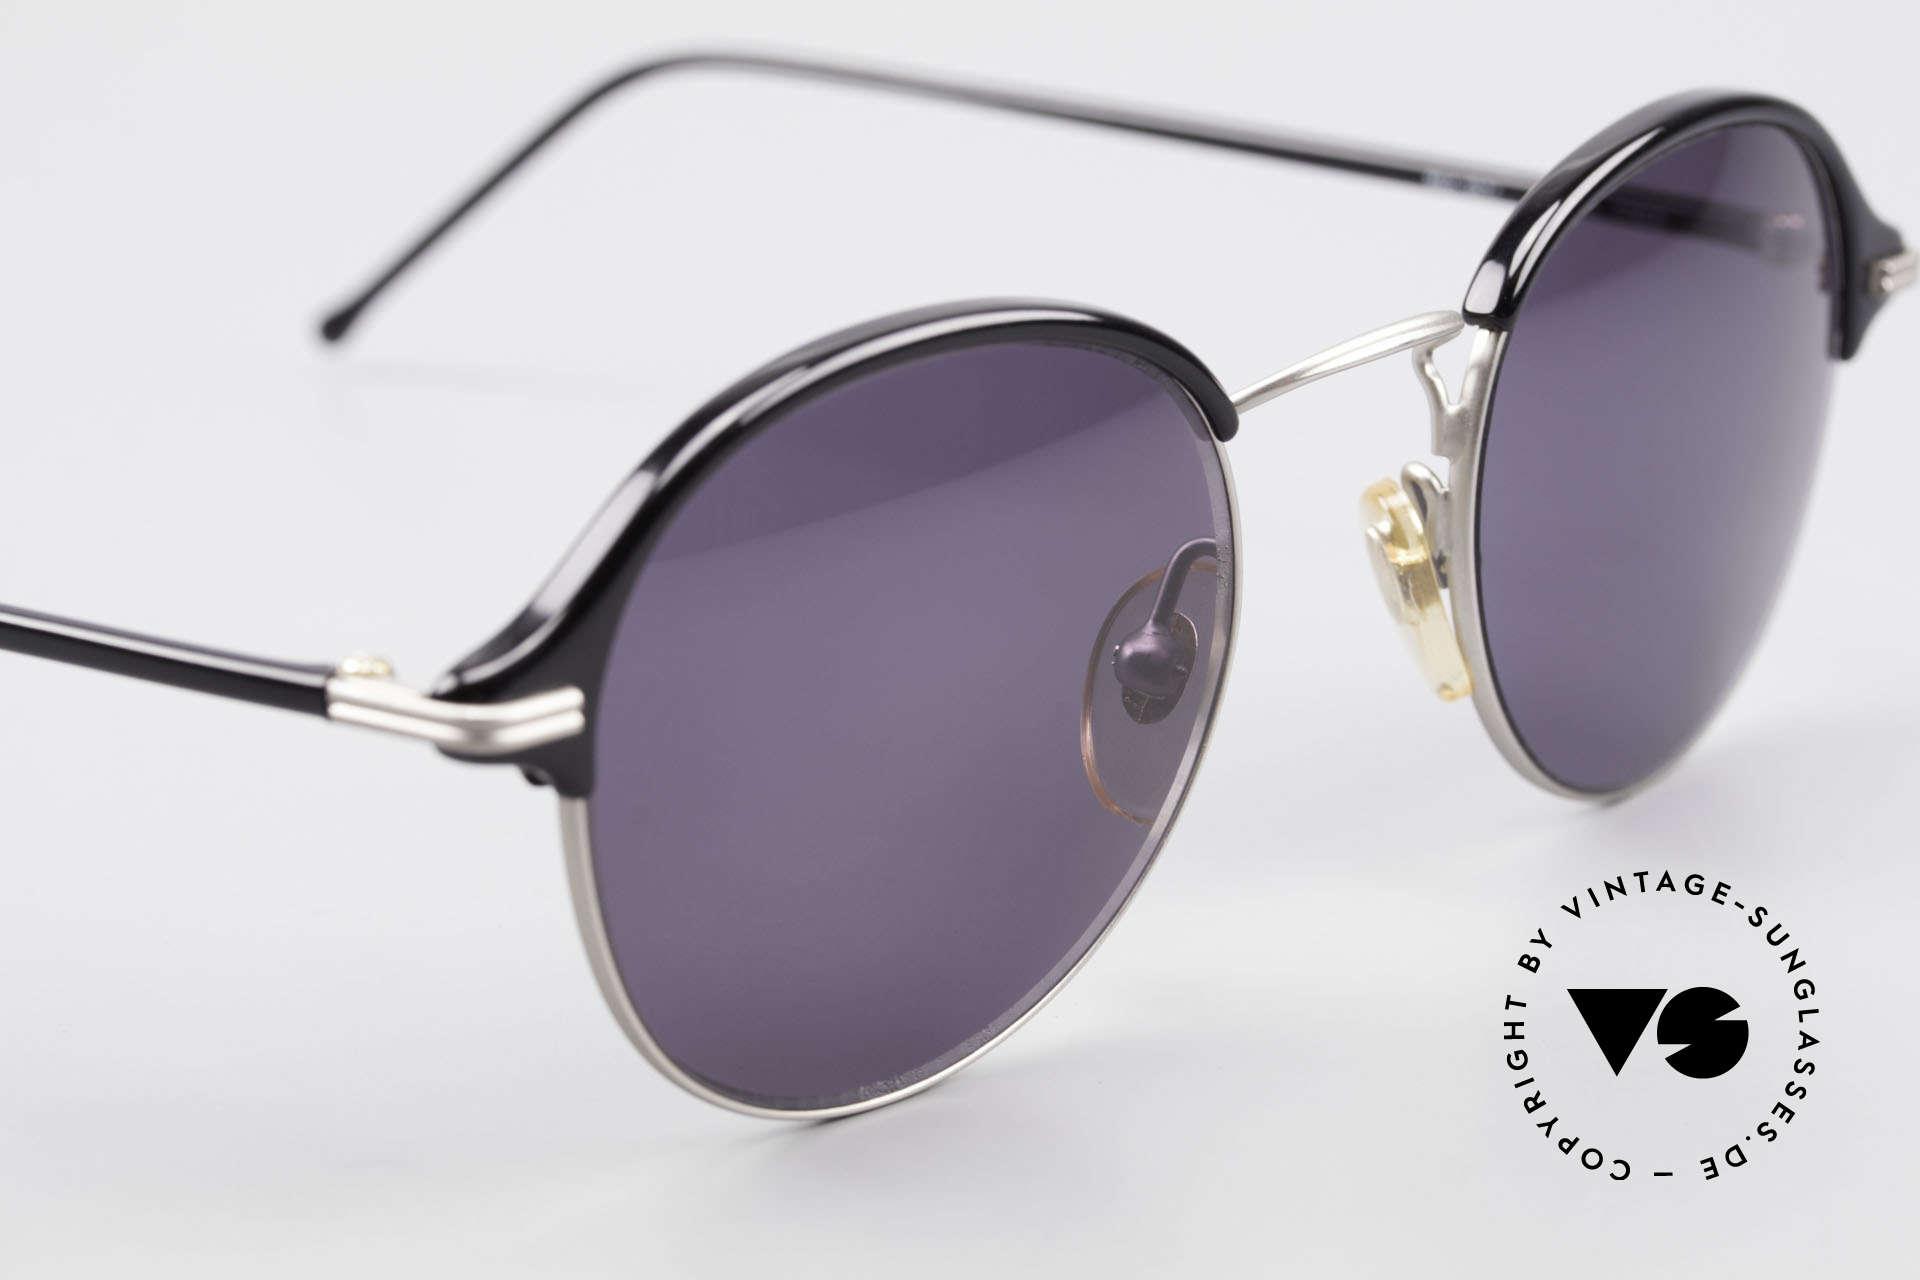 Cutler And Gross 0374 Pantobrille Mit Windsorringen, ungetragen; Modell ist auch beliebig optisch verglasbar, Passend für Herren und Damen